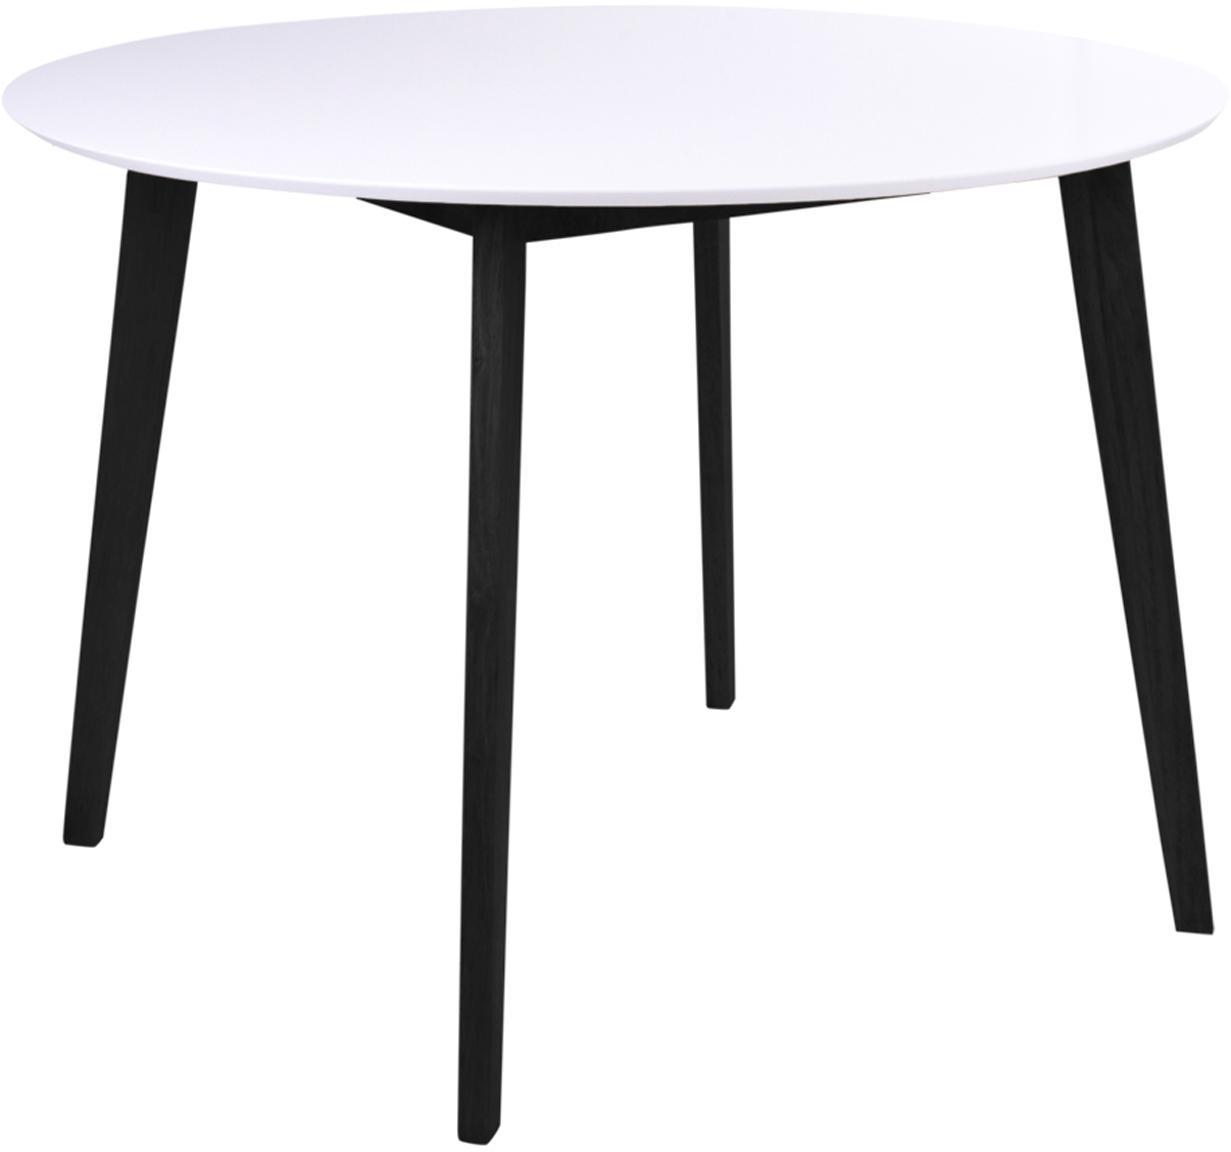 Mesa de comedor redonda Vojens, Tablero: tablero de fibras de dens, Patas: madera de caucho, Blanco, negro, Ø 105 x Al 75 cm